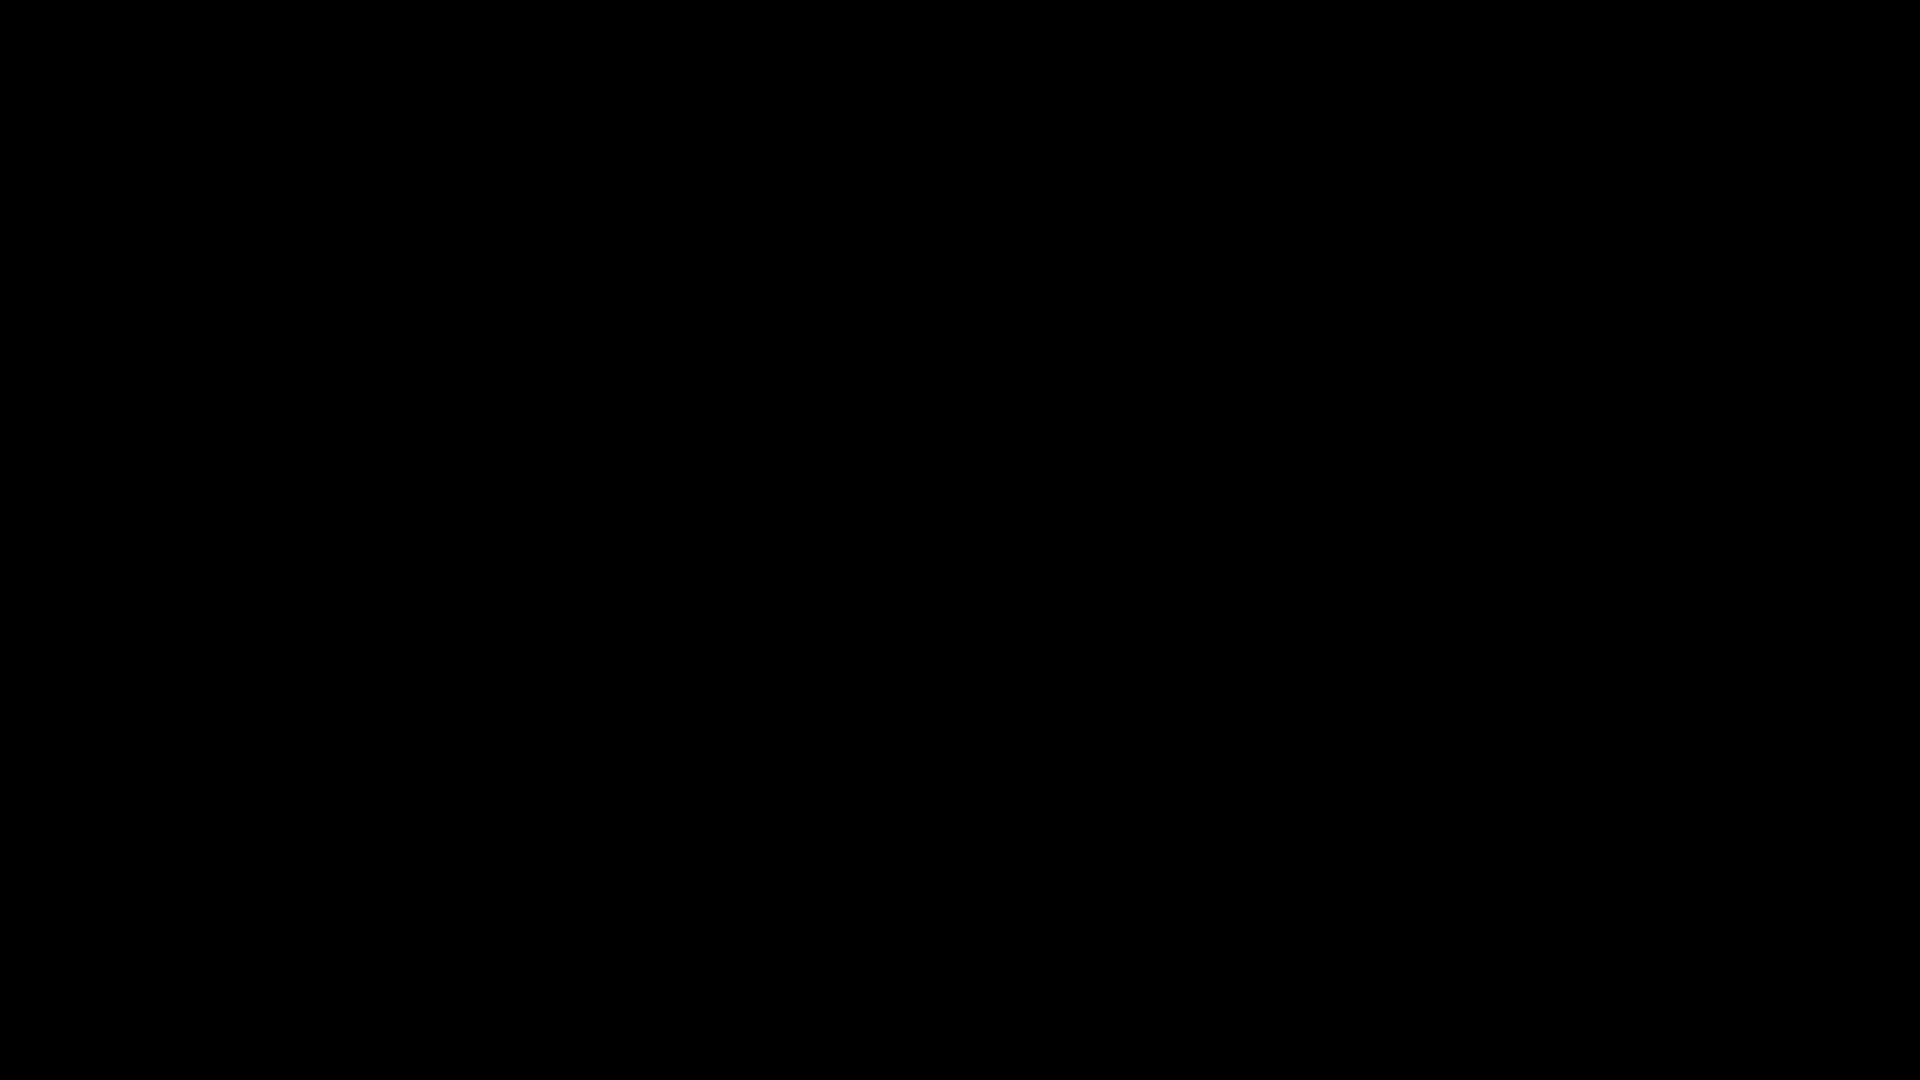 BOOMJOY N6 alta qualidade mop lidar com não-tecido mop cabeça espanador do pulverizador